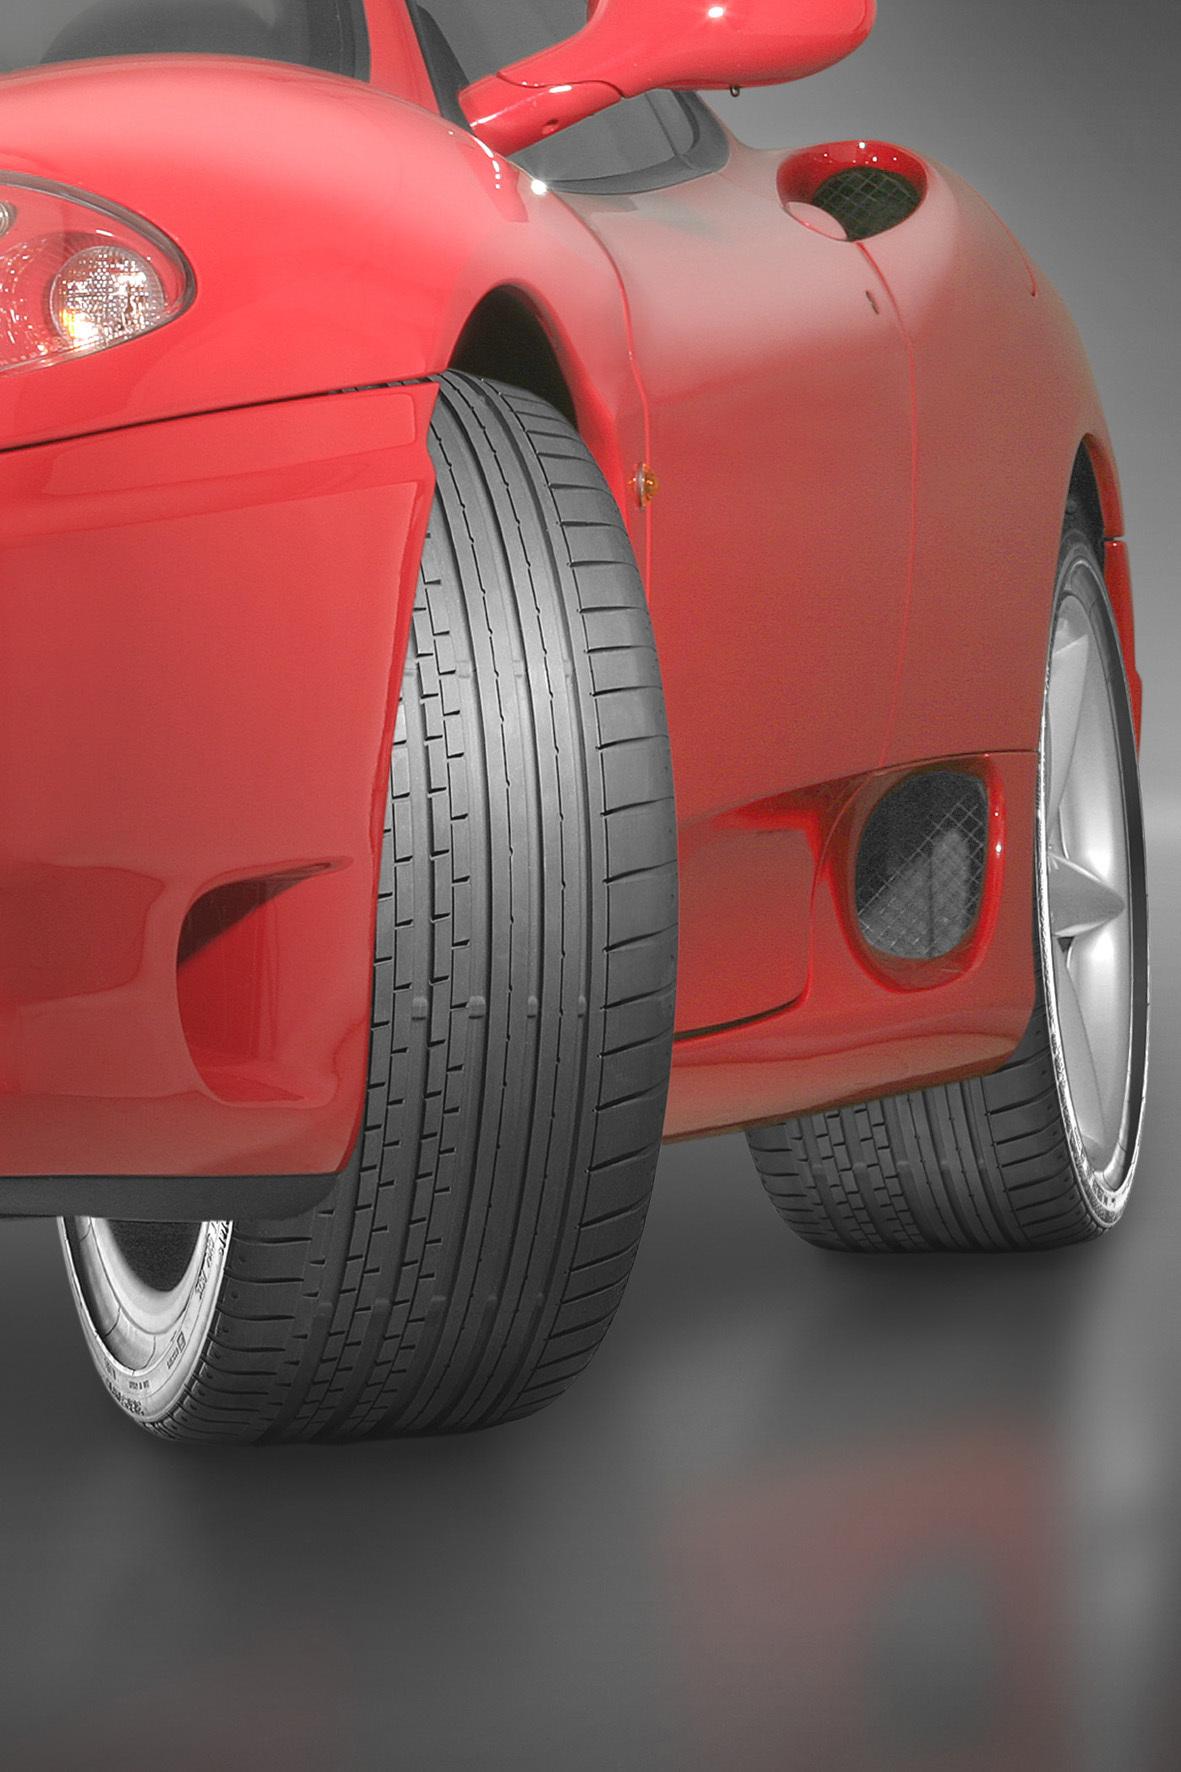 mid Düsseldorf - Wollen Autofahrer bei ihrem Wagen breitere Reifen aufziehen, müssen sie zunächst im Vorfeld prüfen, ob Traglast und Geschwindigkeitsindex der neuen Pneus für das Fahrzeugmodell zugelassen sind.